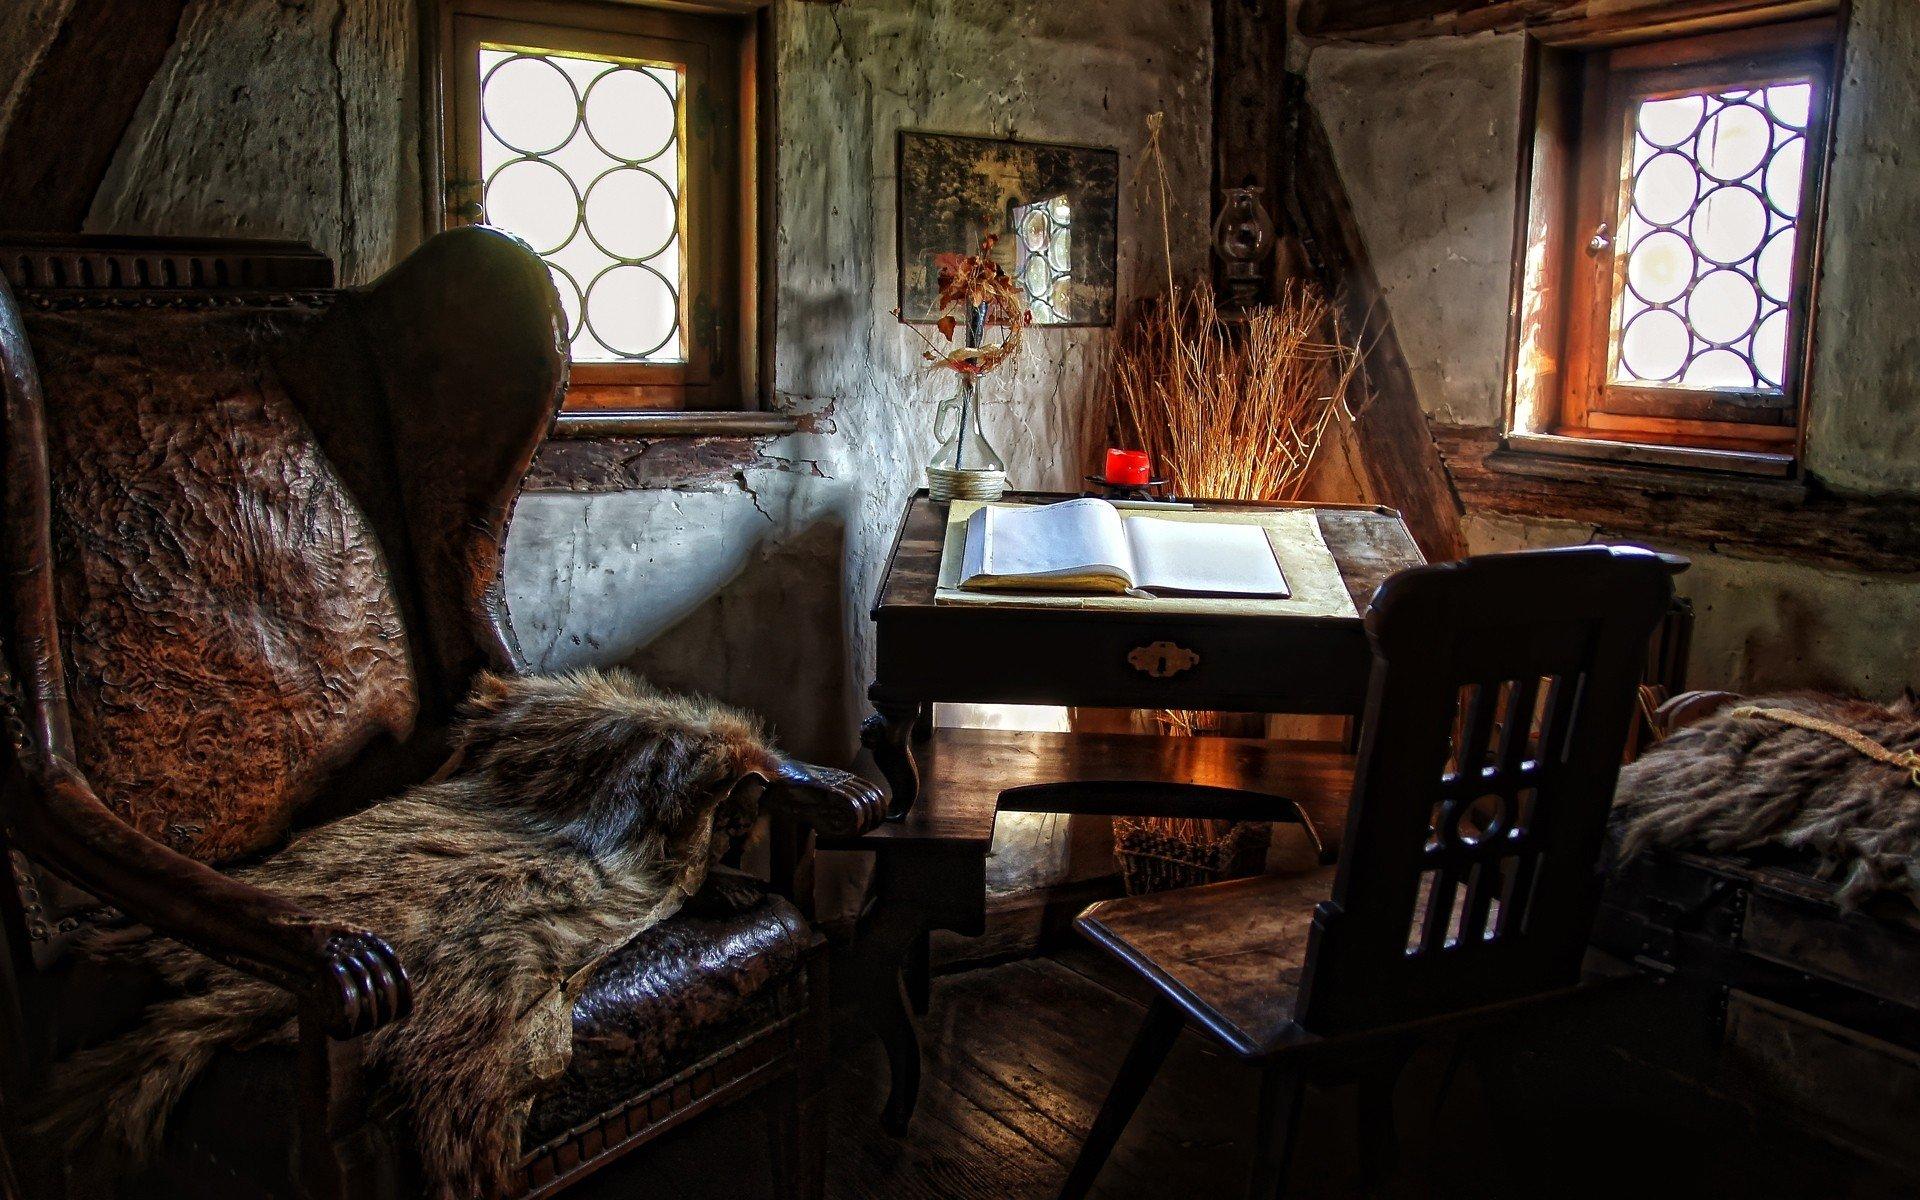 интерьер книги дерево кресла стол ковер загрузить